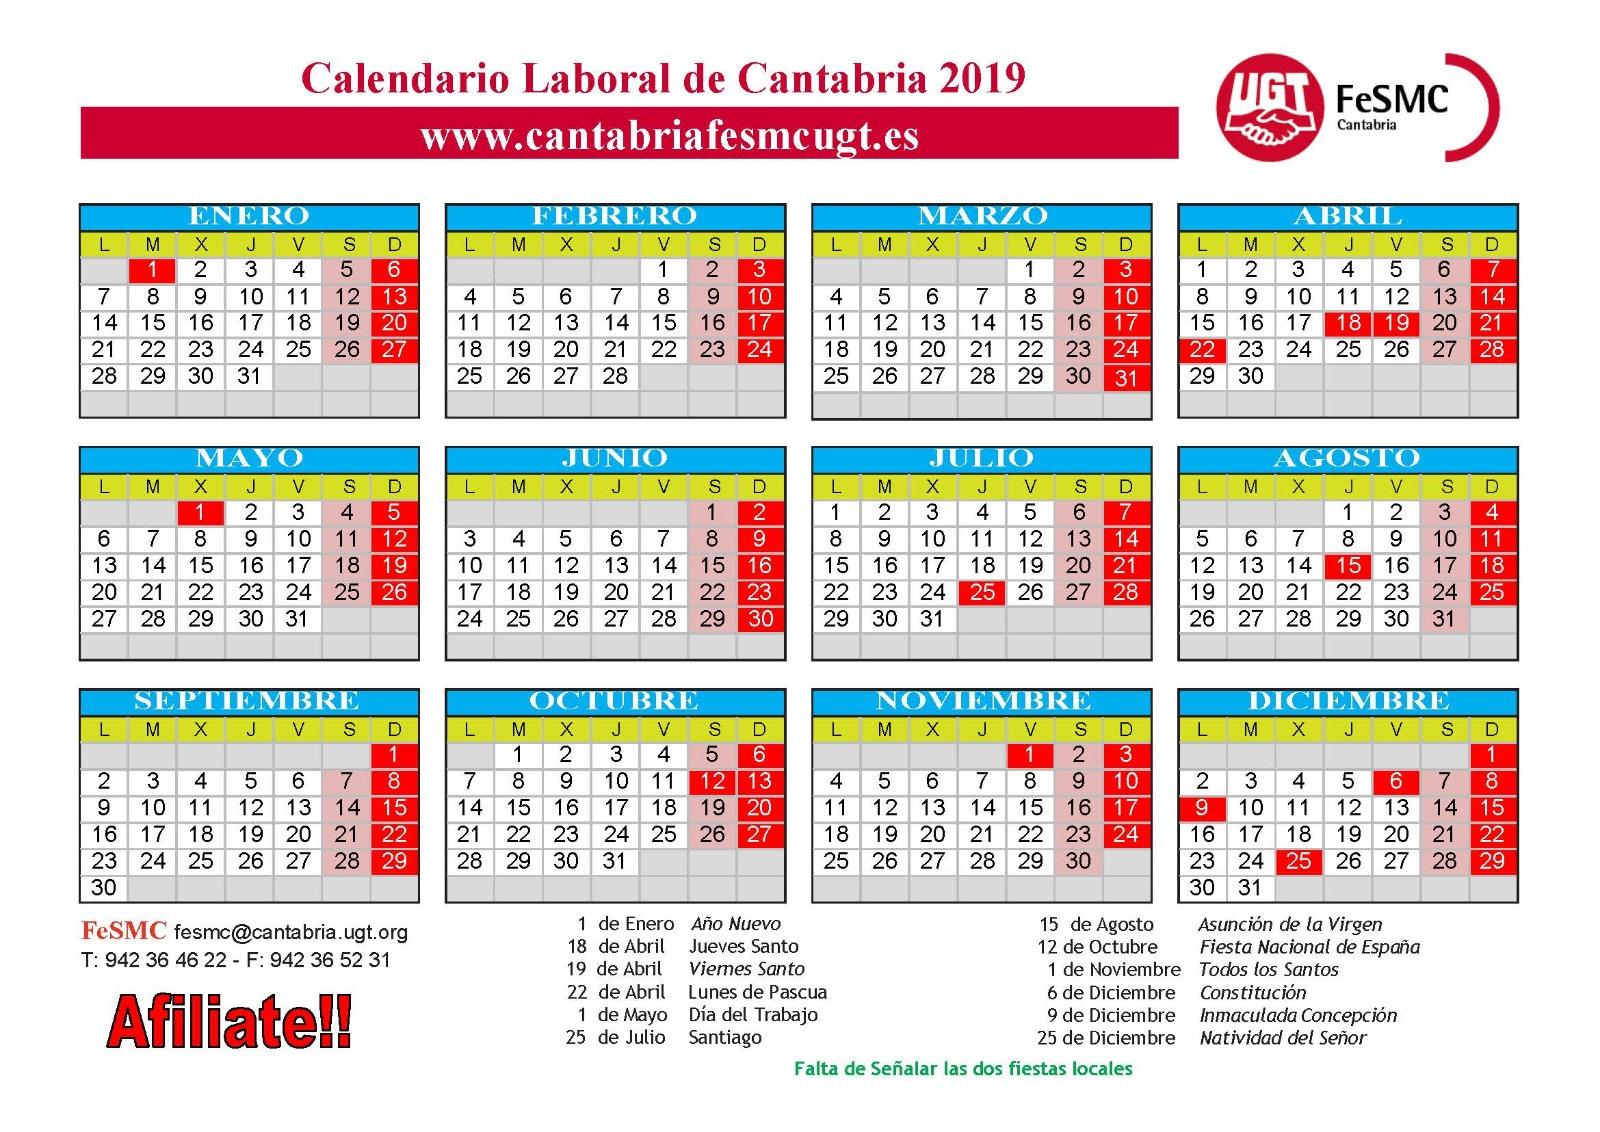 Calendario Laboral Cantabria 2019